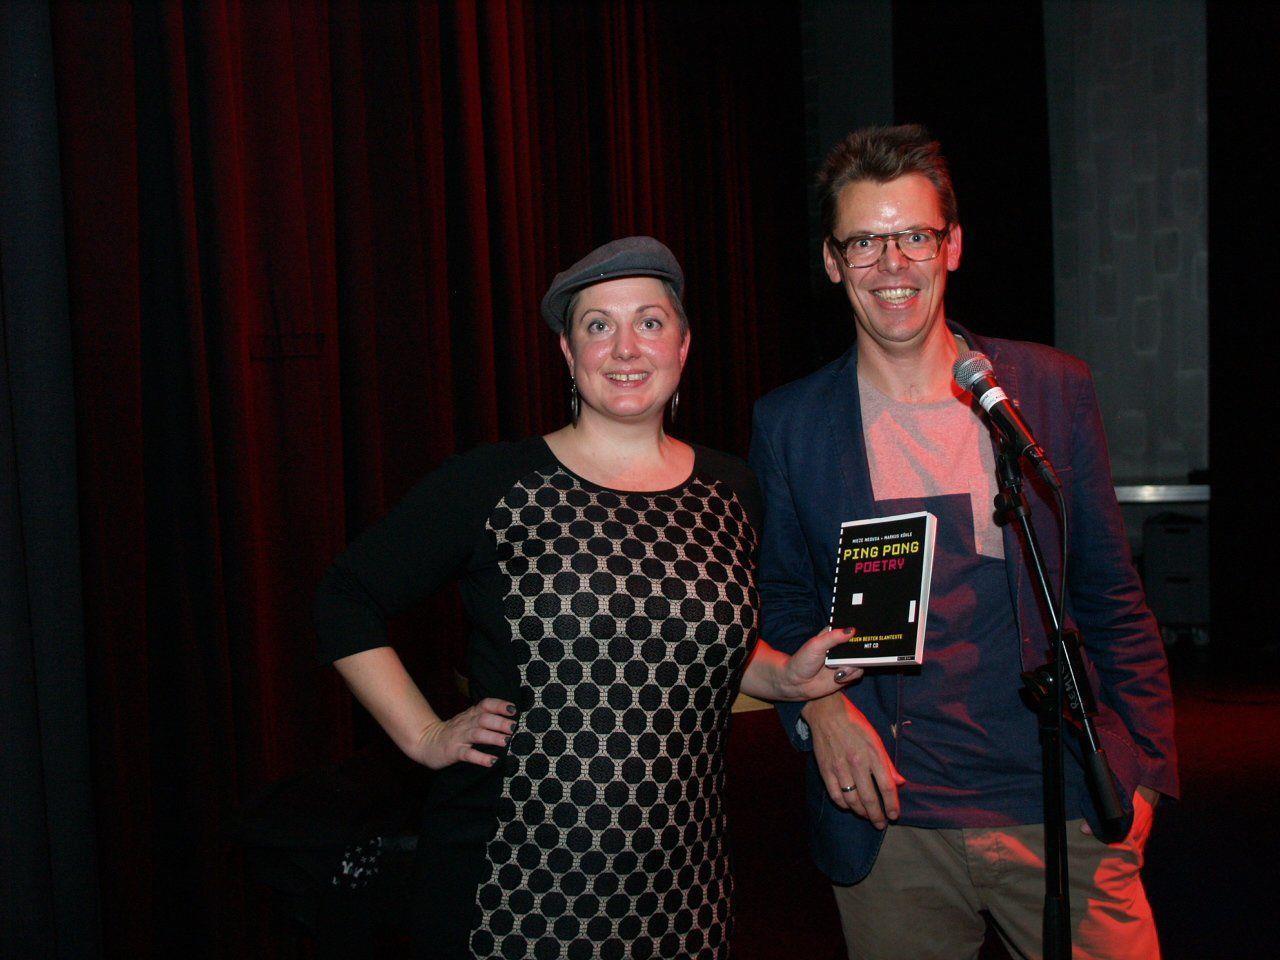 Mieze Medusa und Markus Köhle präsentierten zeitgemäße literarische Unterhaltung auf bestem Niveau.